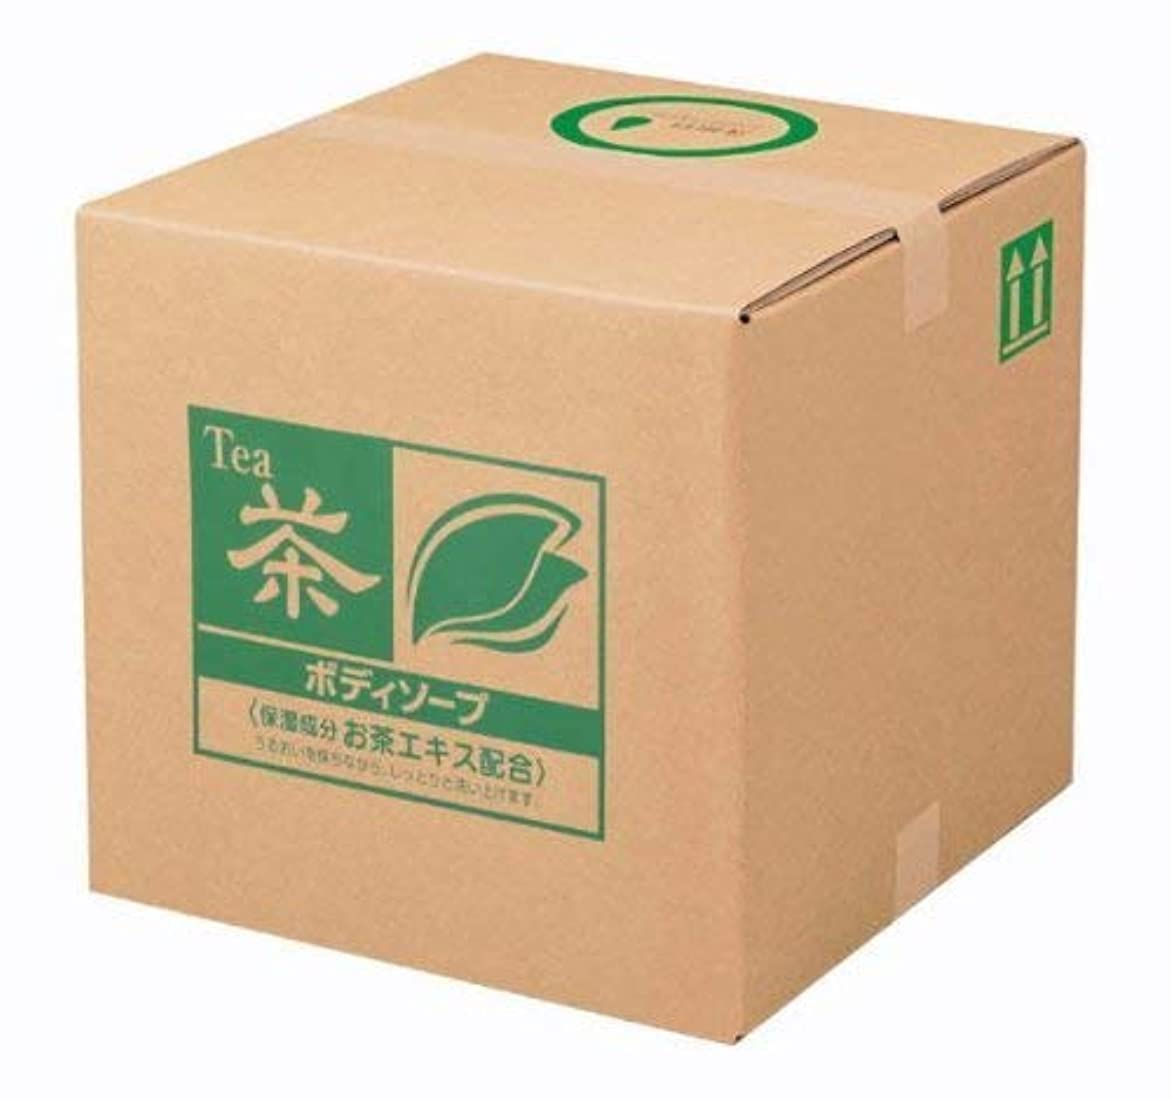 ロッドスピンヤギ業務用 SCRITT(スクリット) お茶 ボディソープ 18L 熊野油脂 (コック付き)